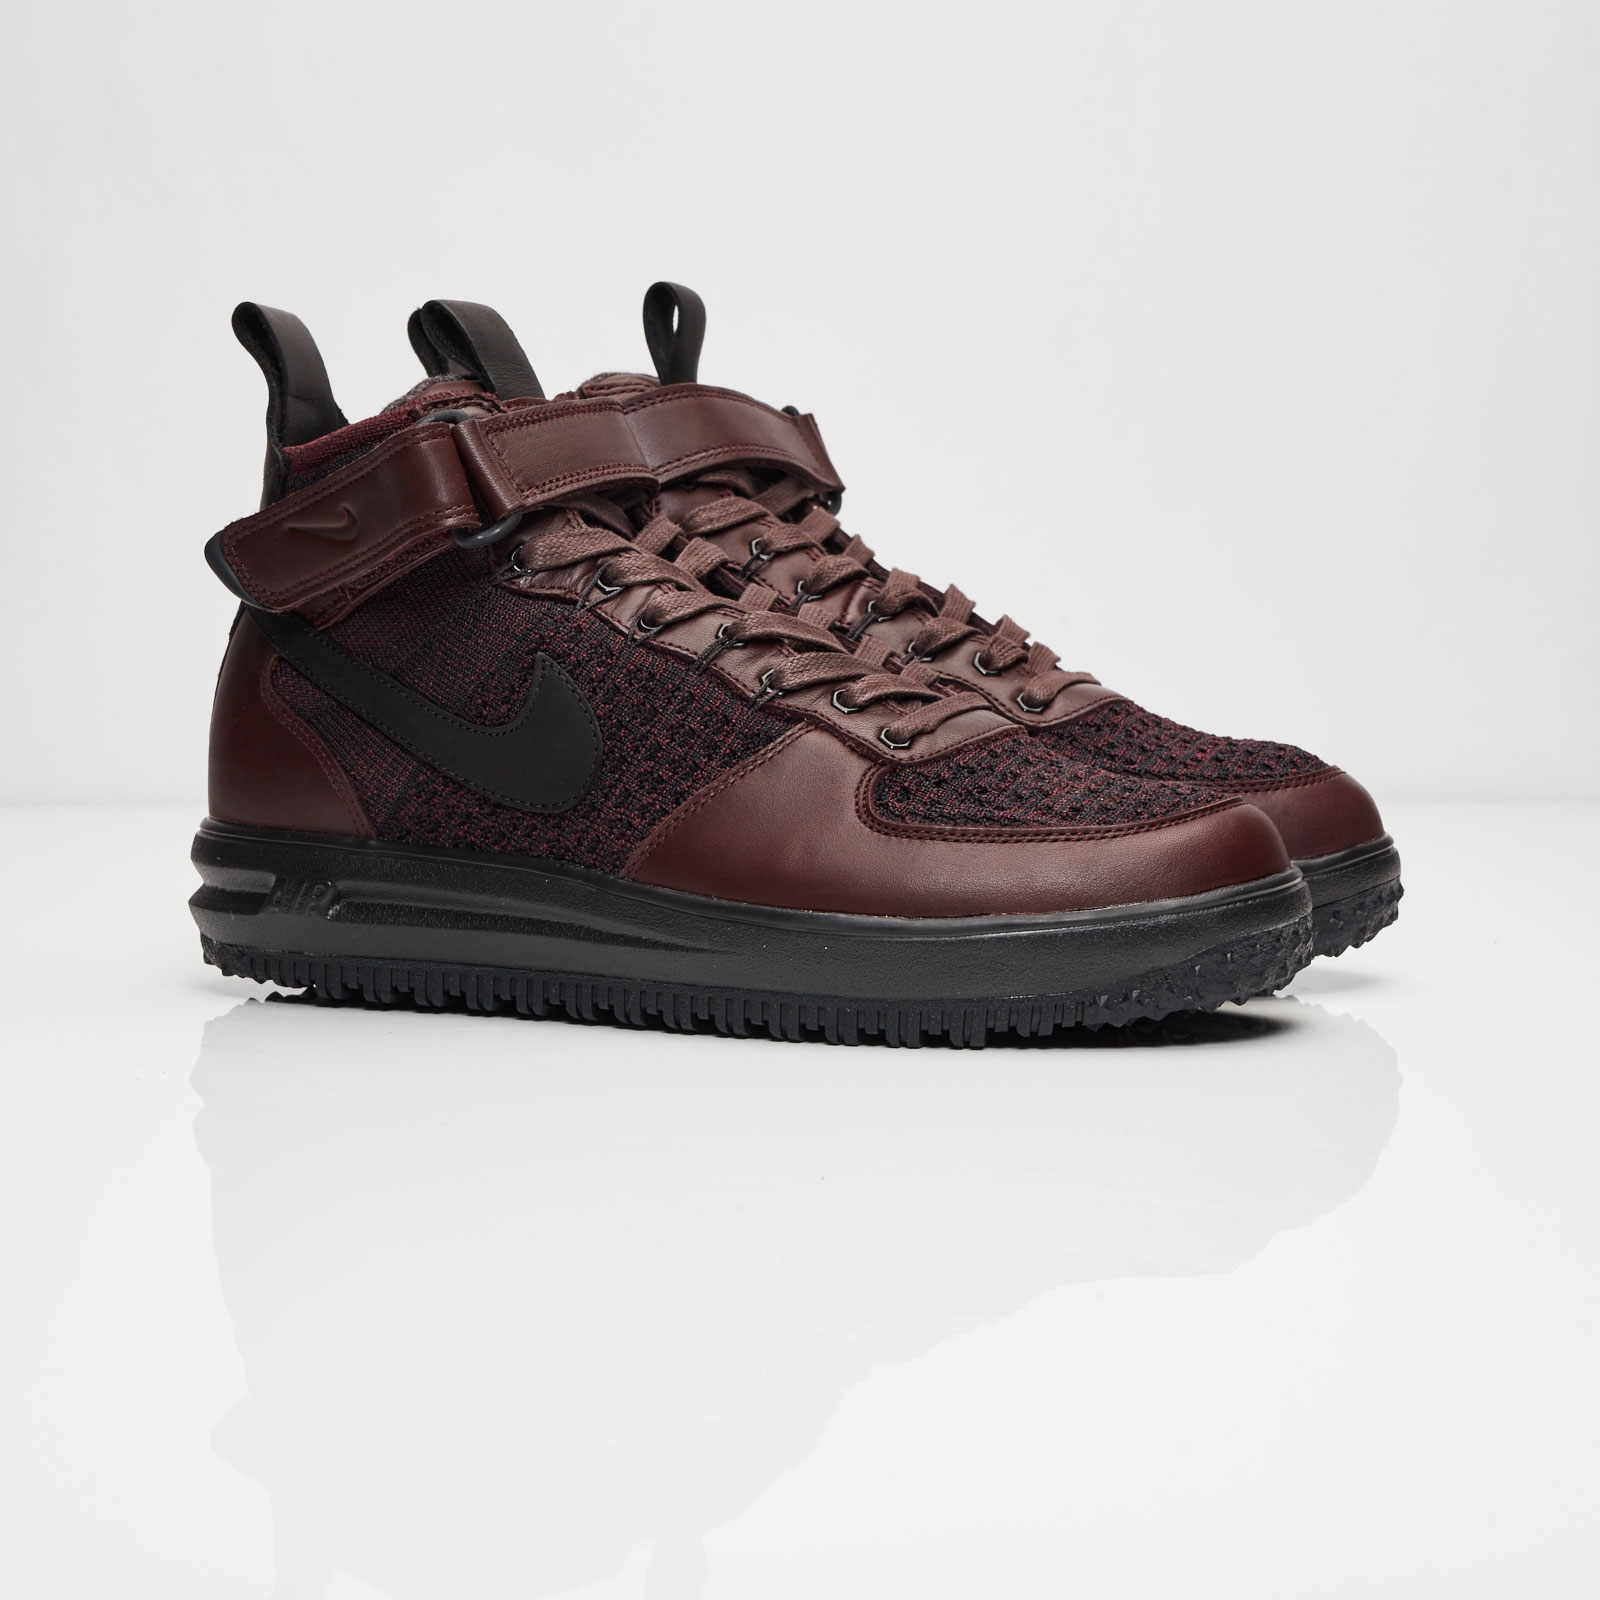 Nike Lunar Force 1 Flyknit Workboot 855984 600